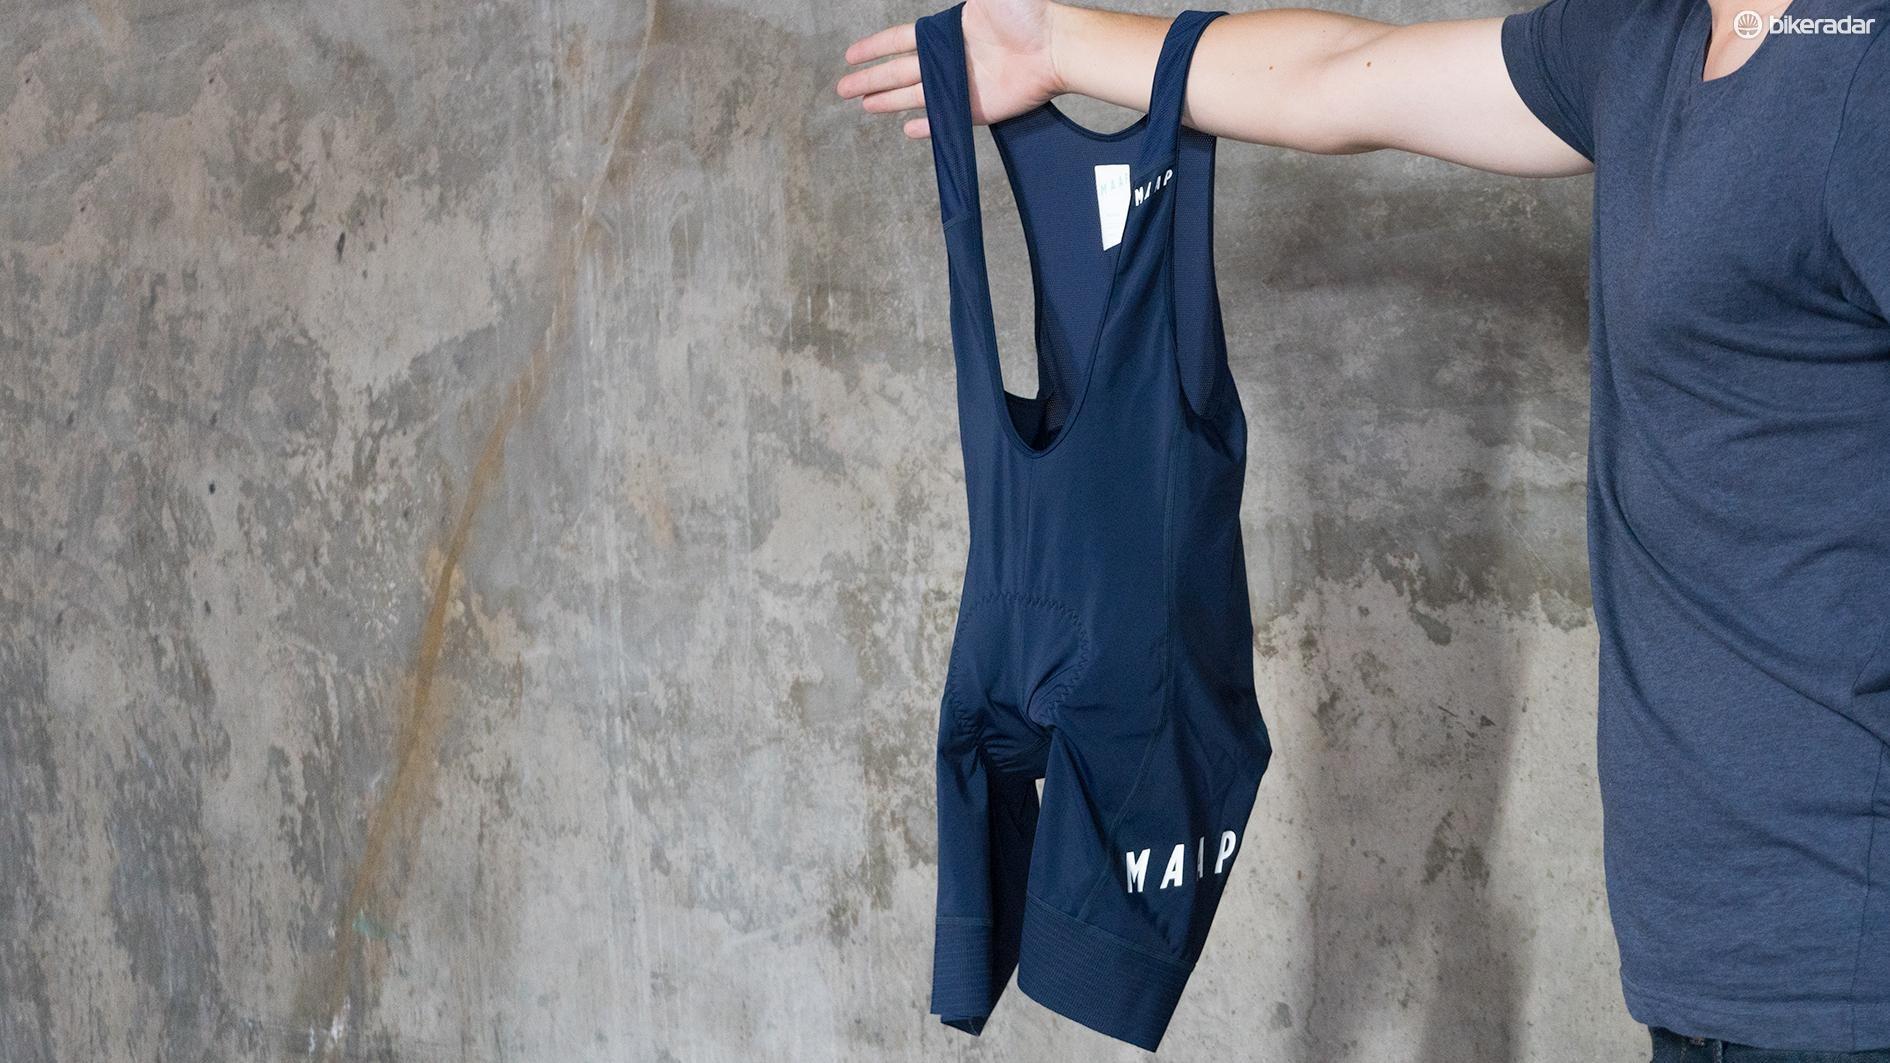 MAAP's Team Bib 2.0 bib shorts